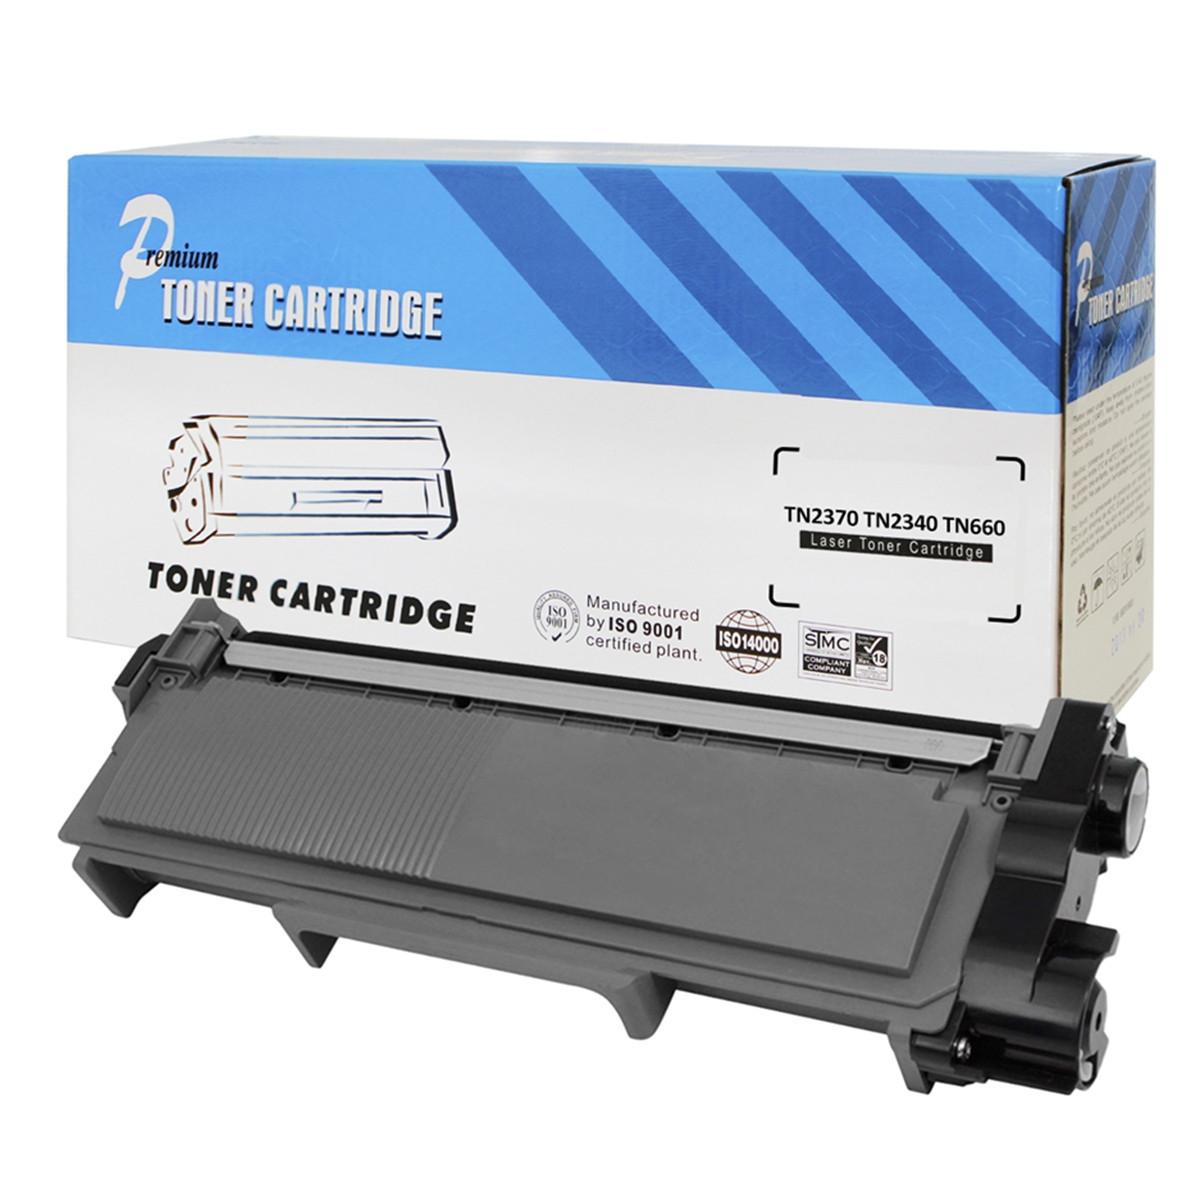 Toner Compatível com Brother TN2340   HL-L2360 HL-L2320 MFC-L2720 MFC-L2740 MFC-L2700   Premium 2.6k